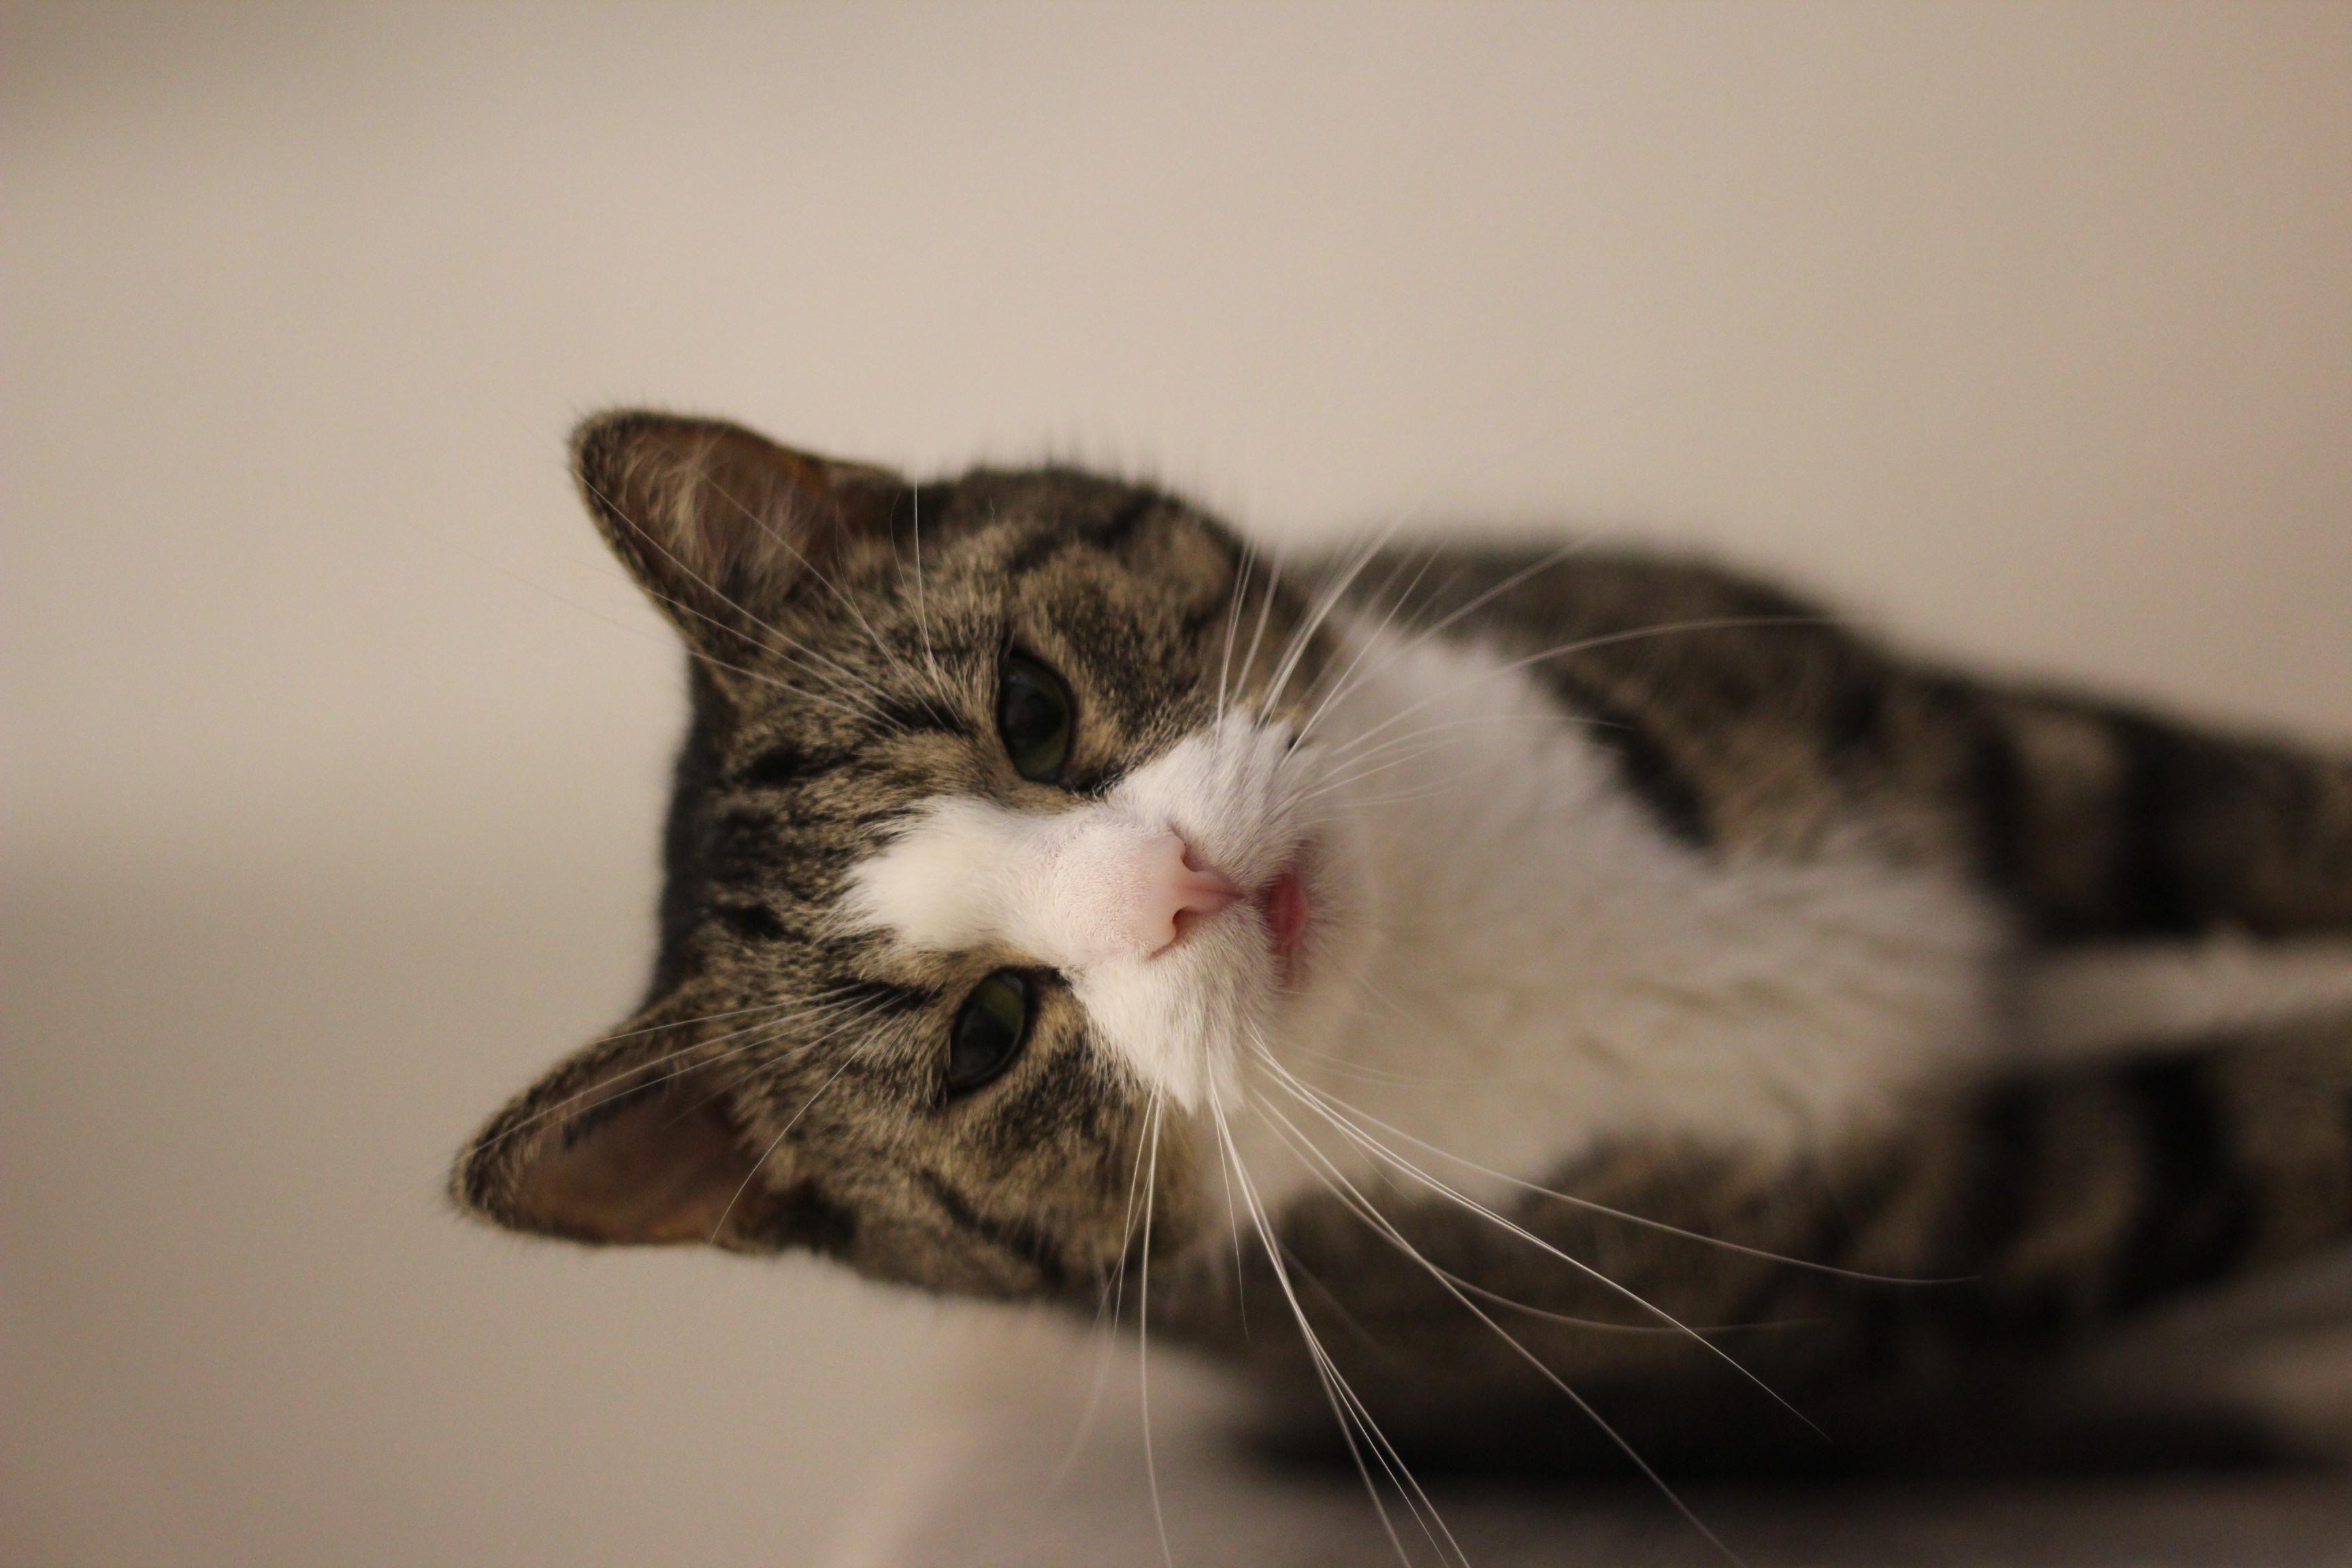 INDEKAT - Mis Mis er en super lækker hunkat på 10 år- hun er så lækker og dejlig en kat og mangler et hjem hvor hun kan være indekat og man kan tage vare på hende.